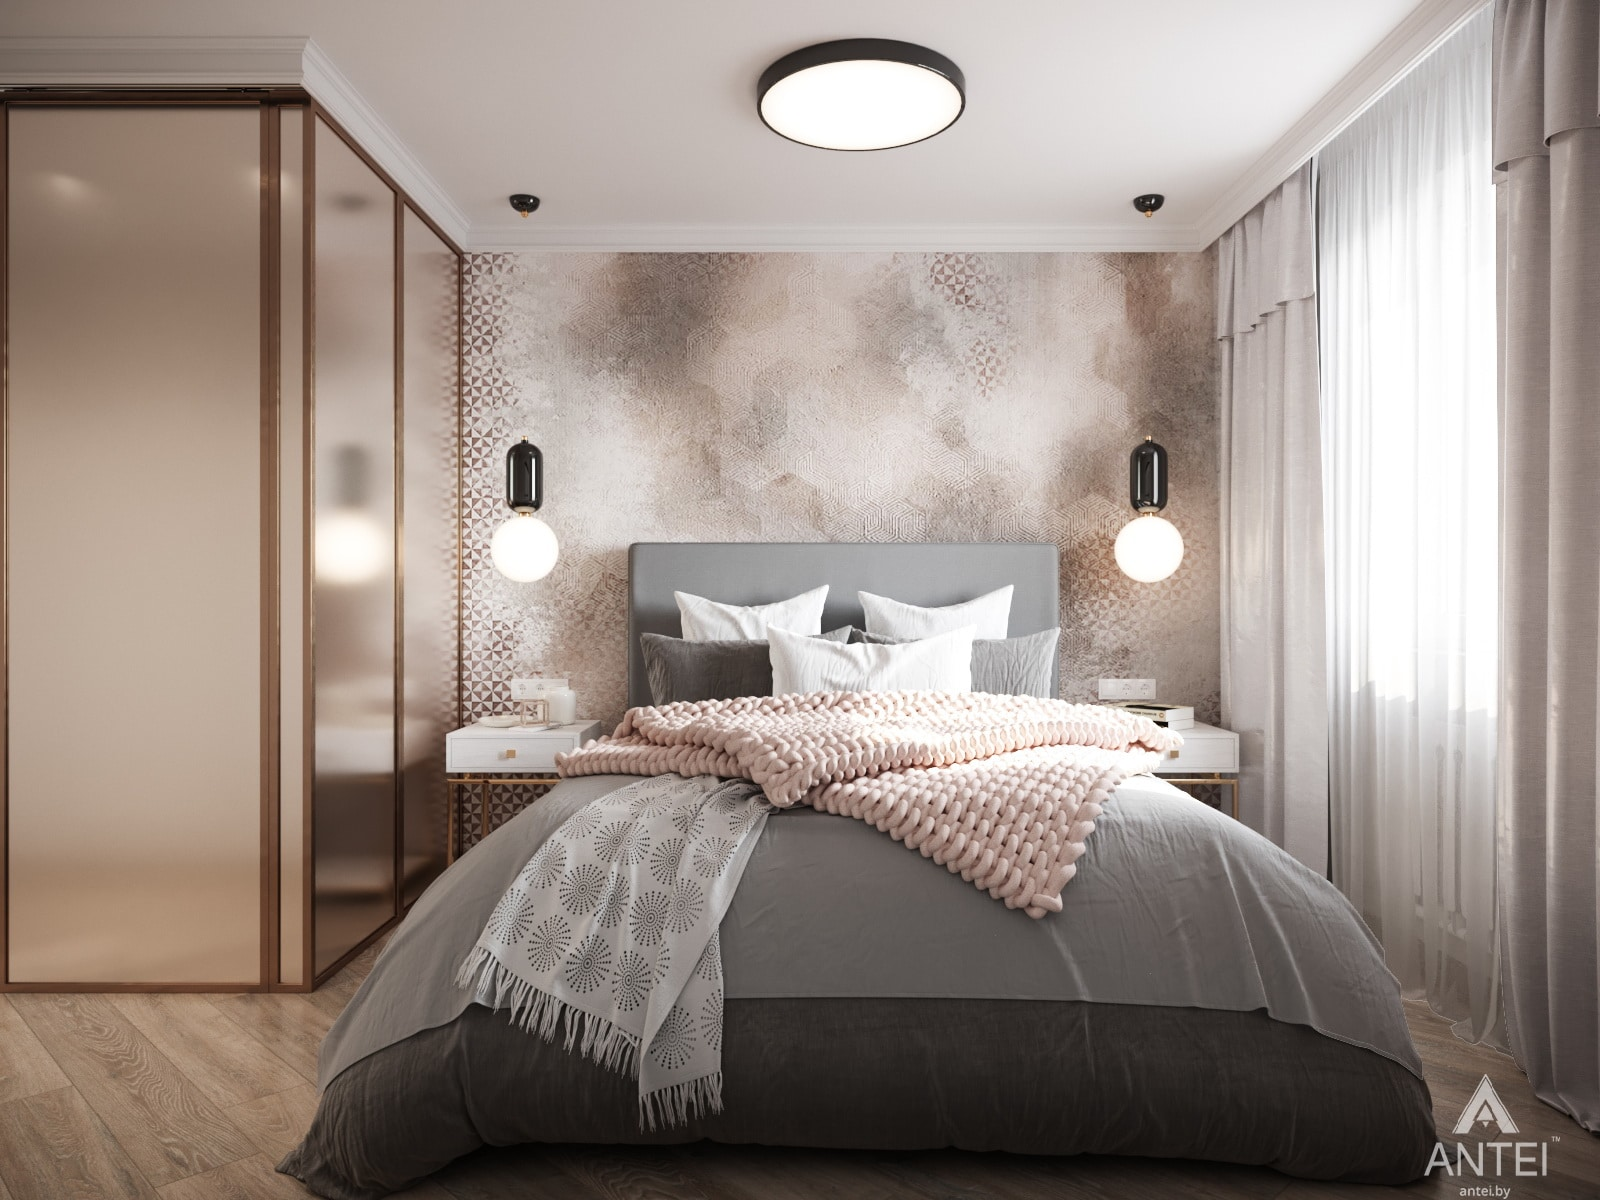 Дизайн интерьера трехкомнатной квартиры в Гомеле, ул. Бородина Т.С. - спальня фото №1